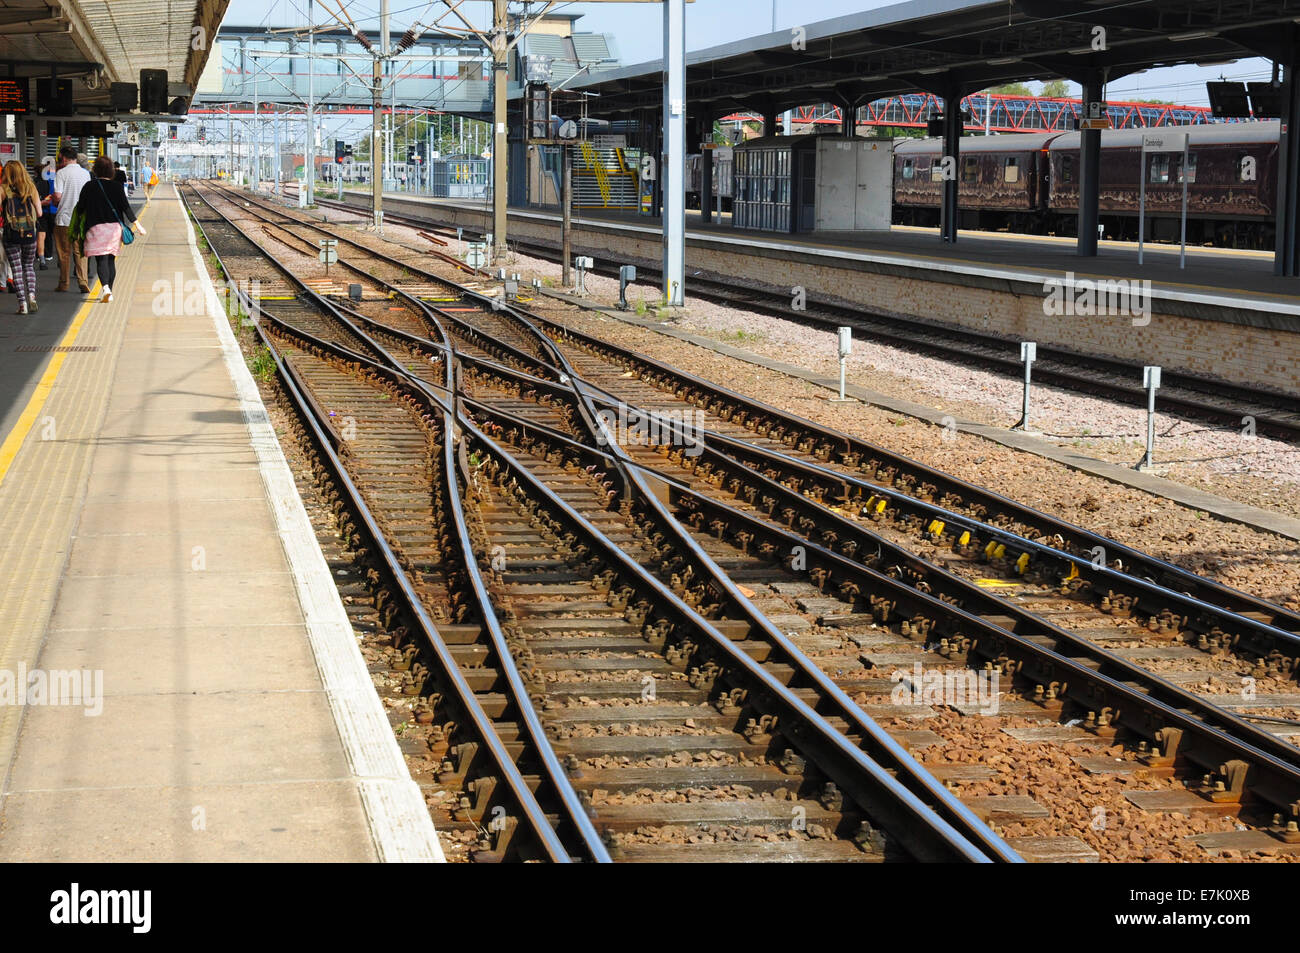 Scissors crossover alongside the platform at Cambridge railway station, Cambridgeshire, England, UK - Stock Image